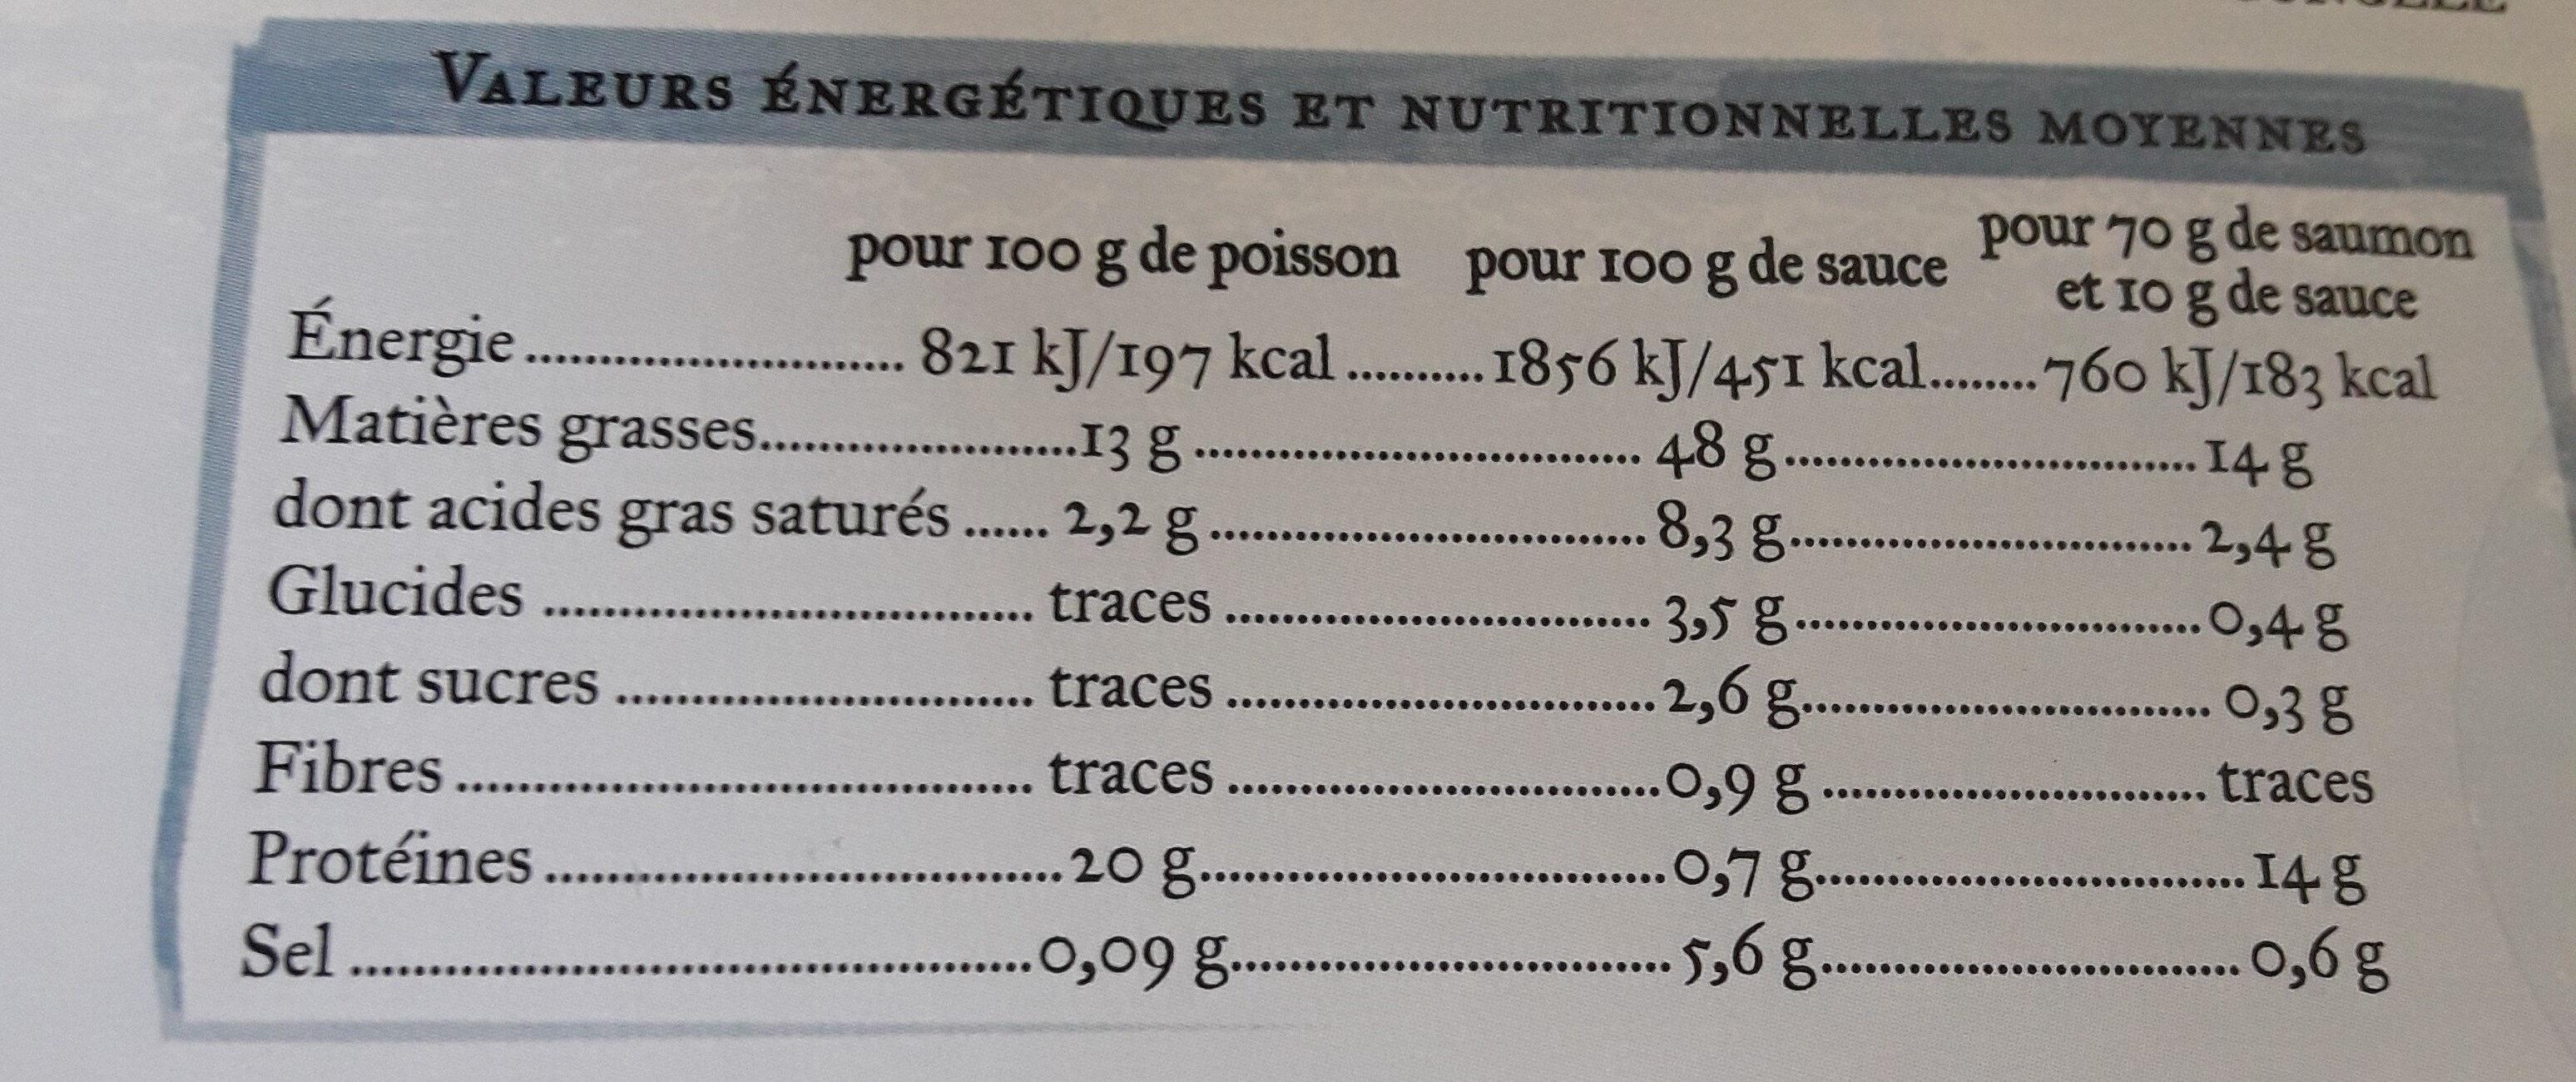 Tartare de saumon thiriet - Nutrition facts - fr